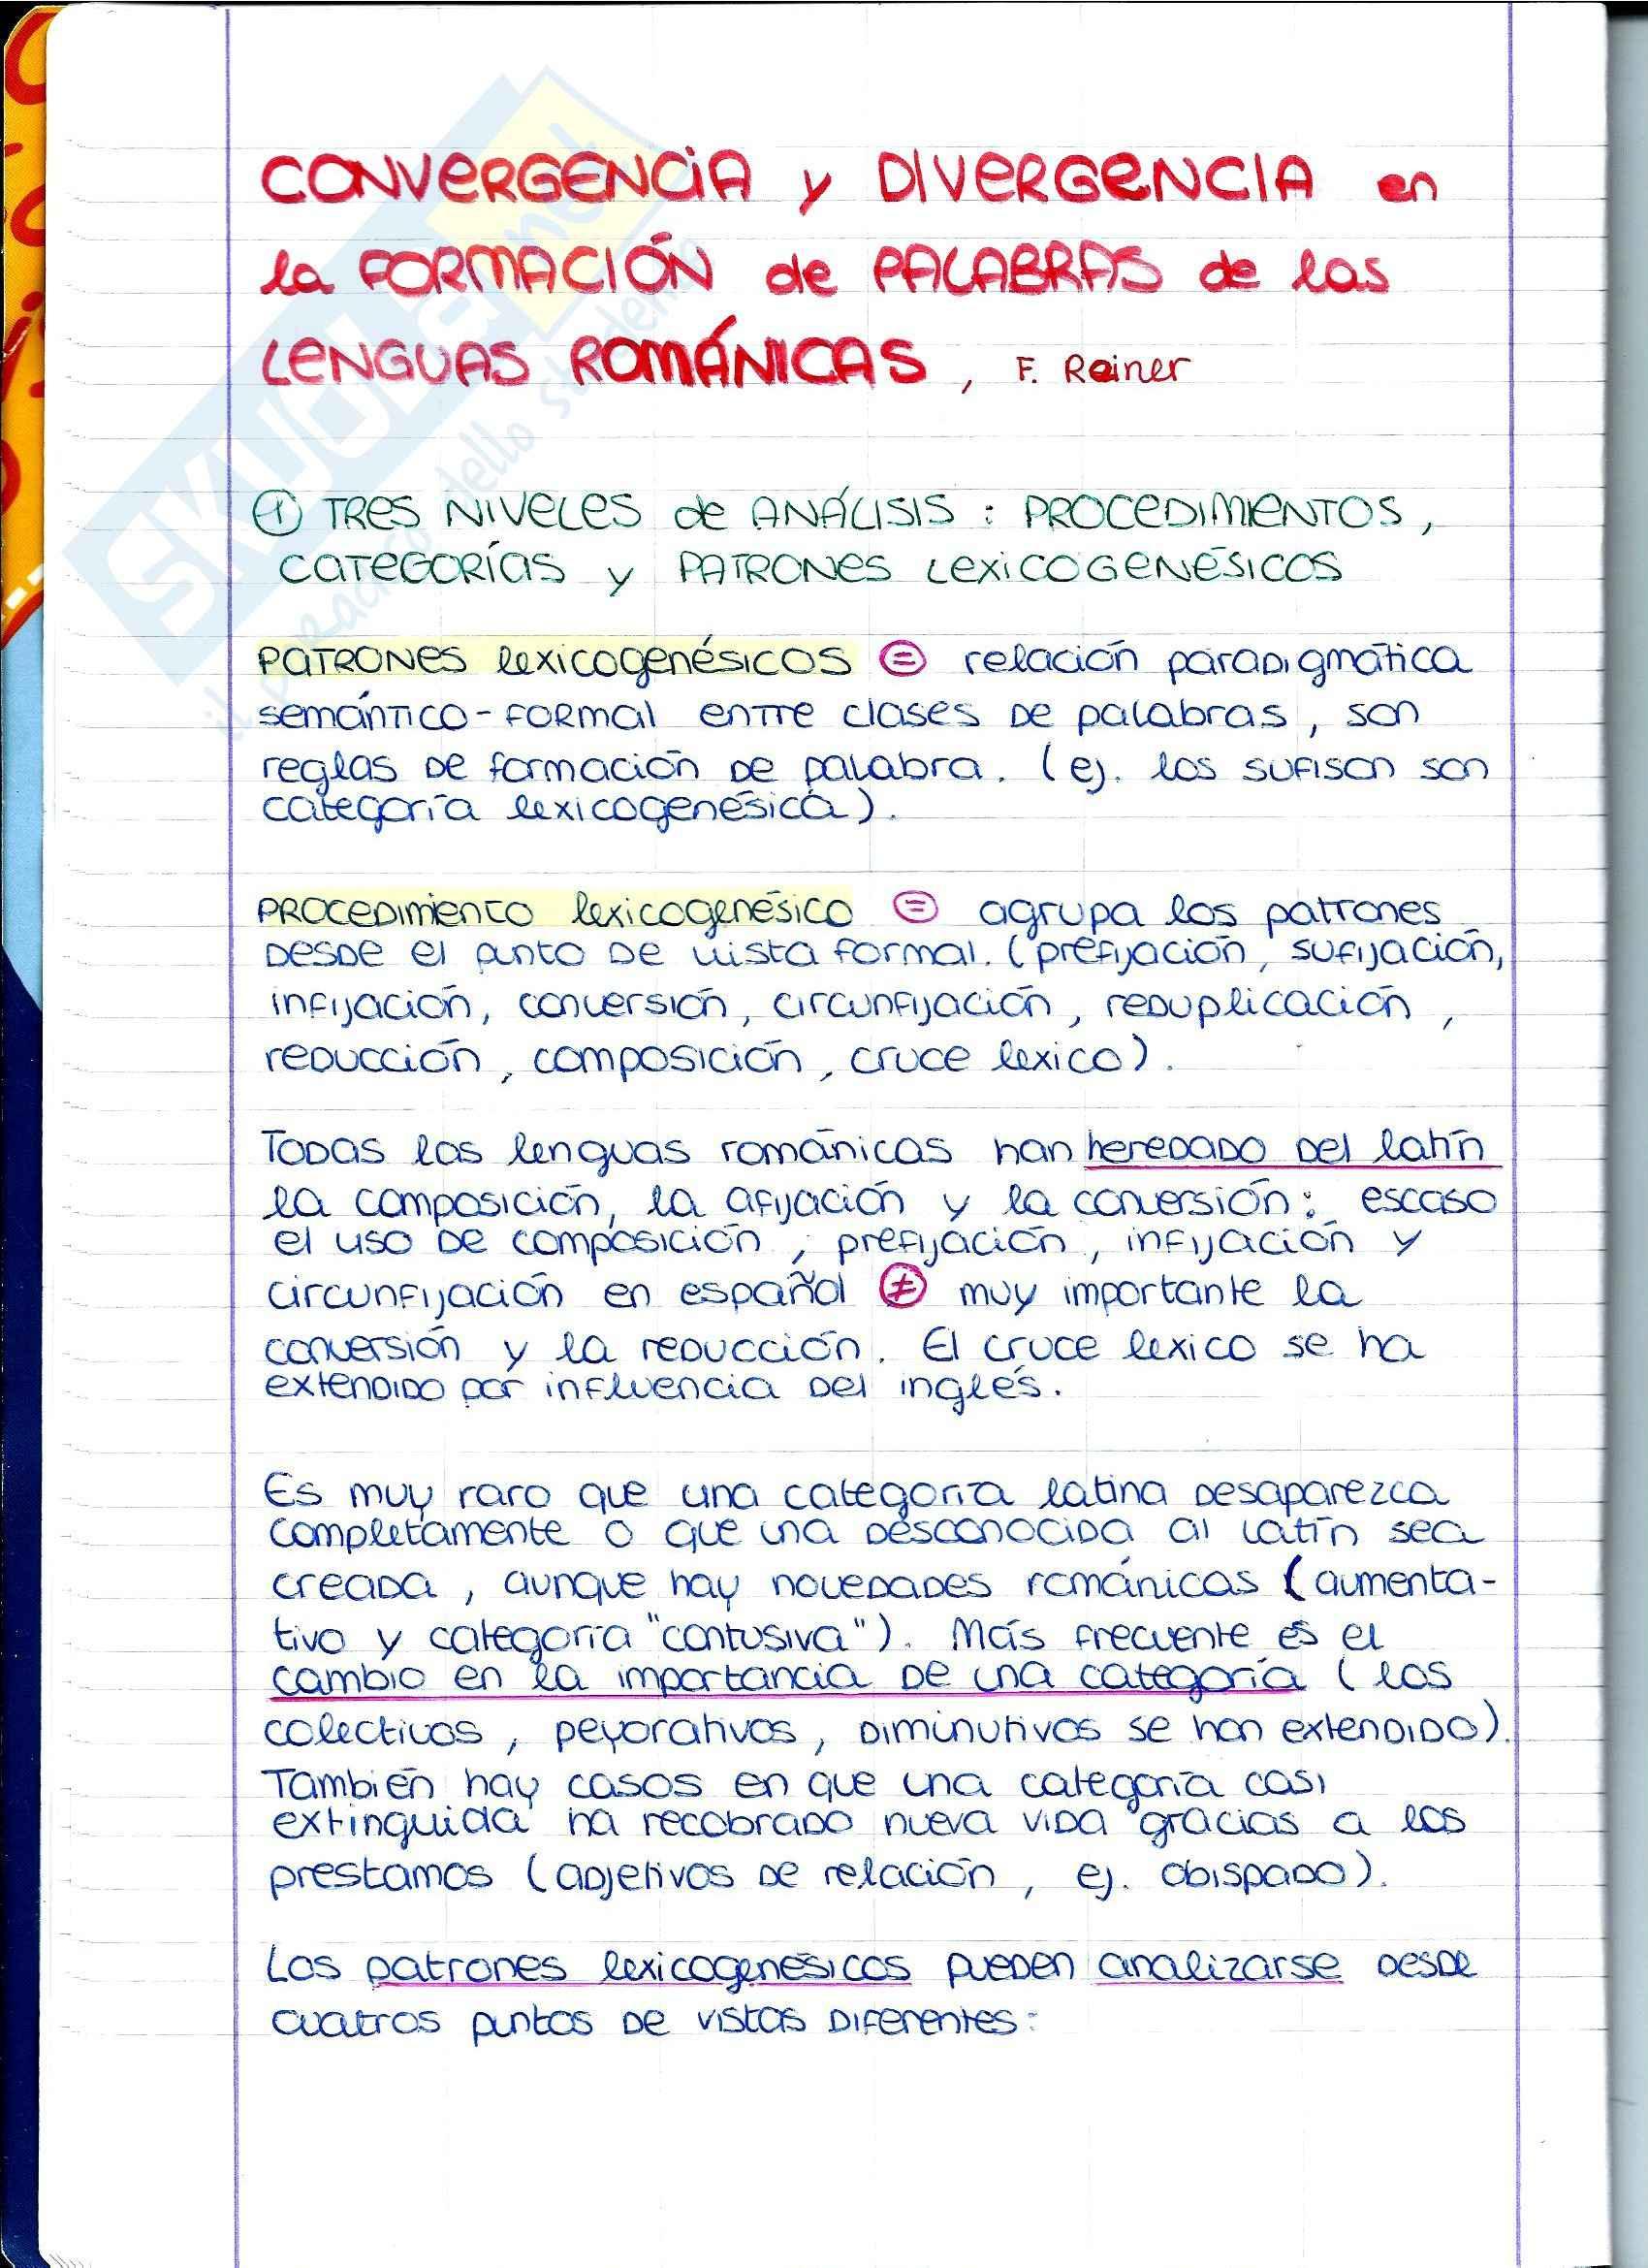 Lingua Spagnola - Convergencia y divergencia